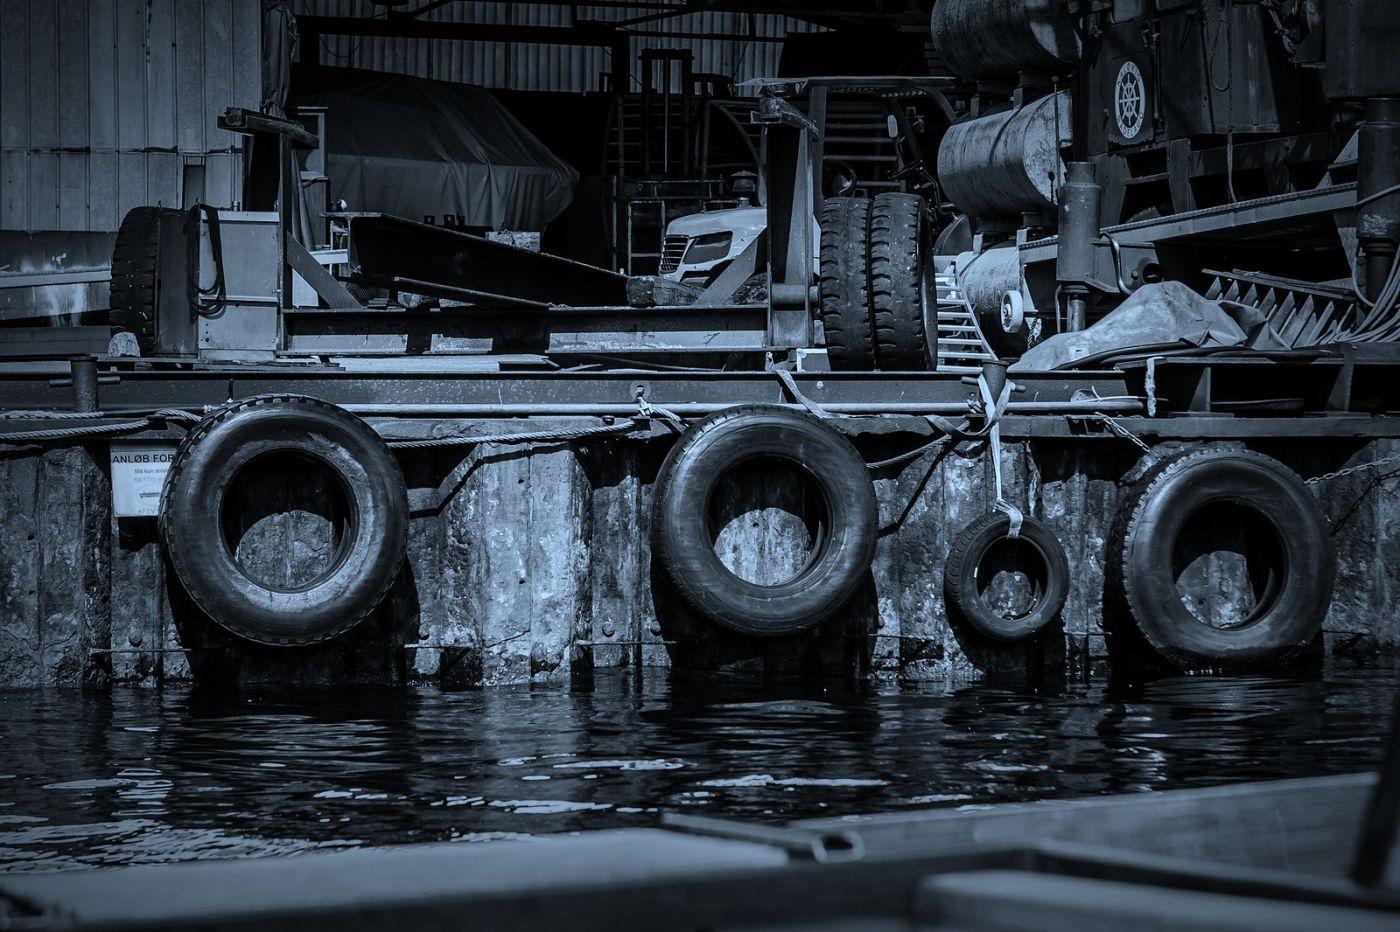 丹麦哥本哈根,坐船看市景_图1-3